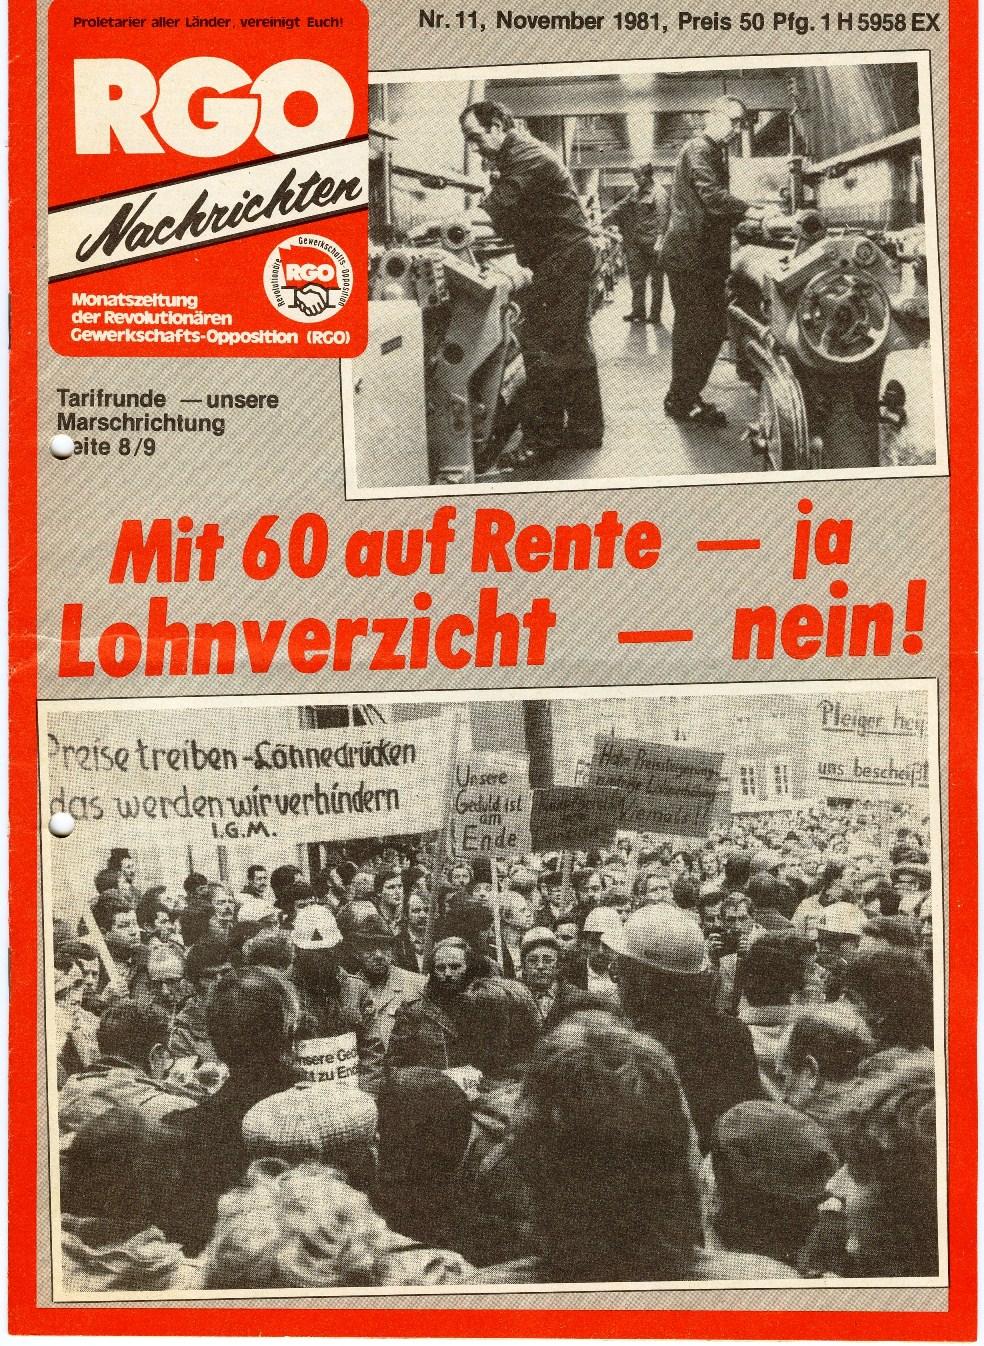 RGO_RGO_Nachrichten_1981_11_01